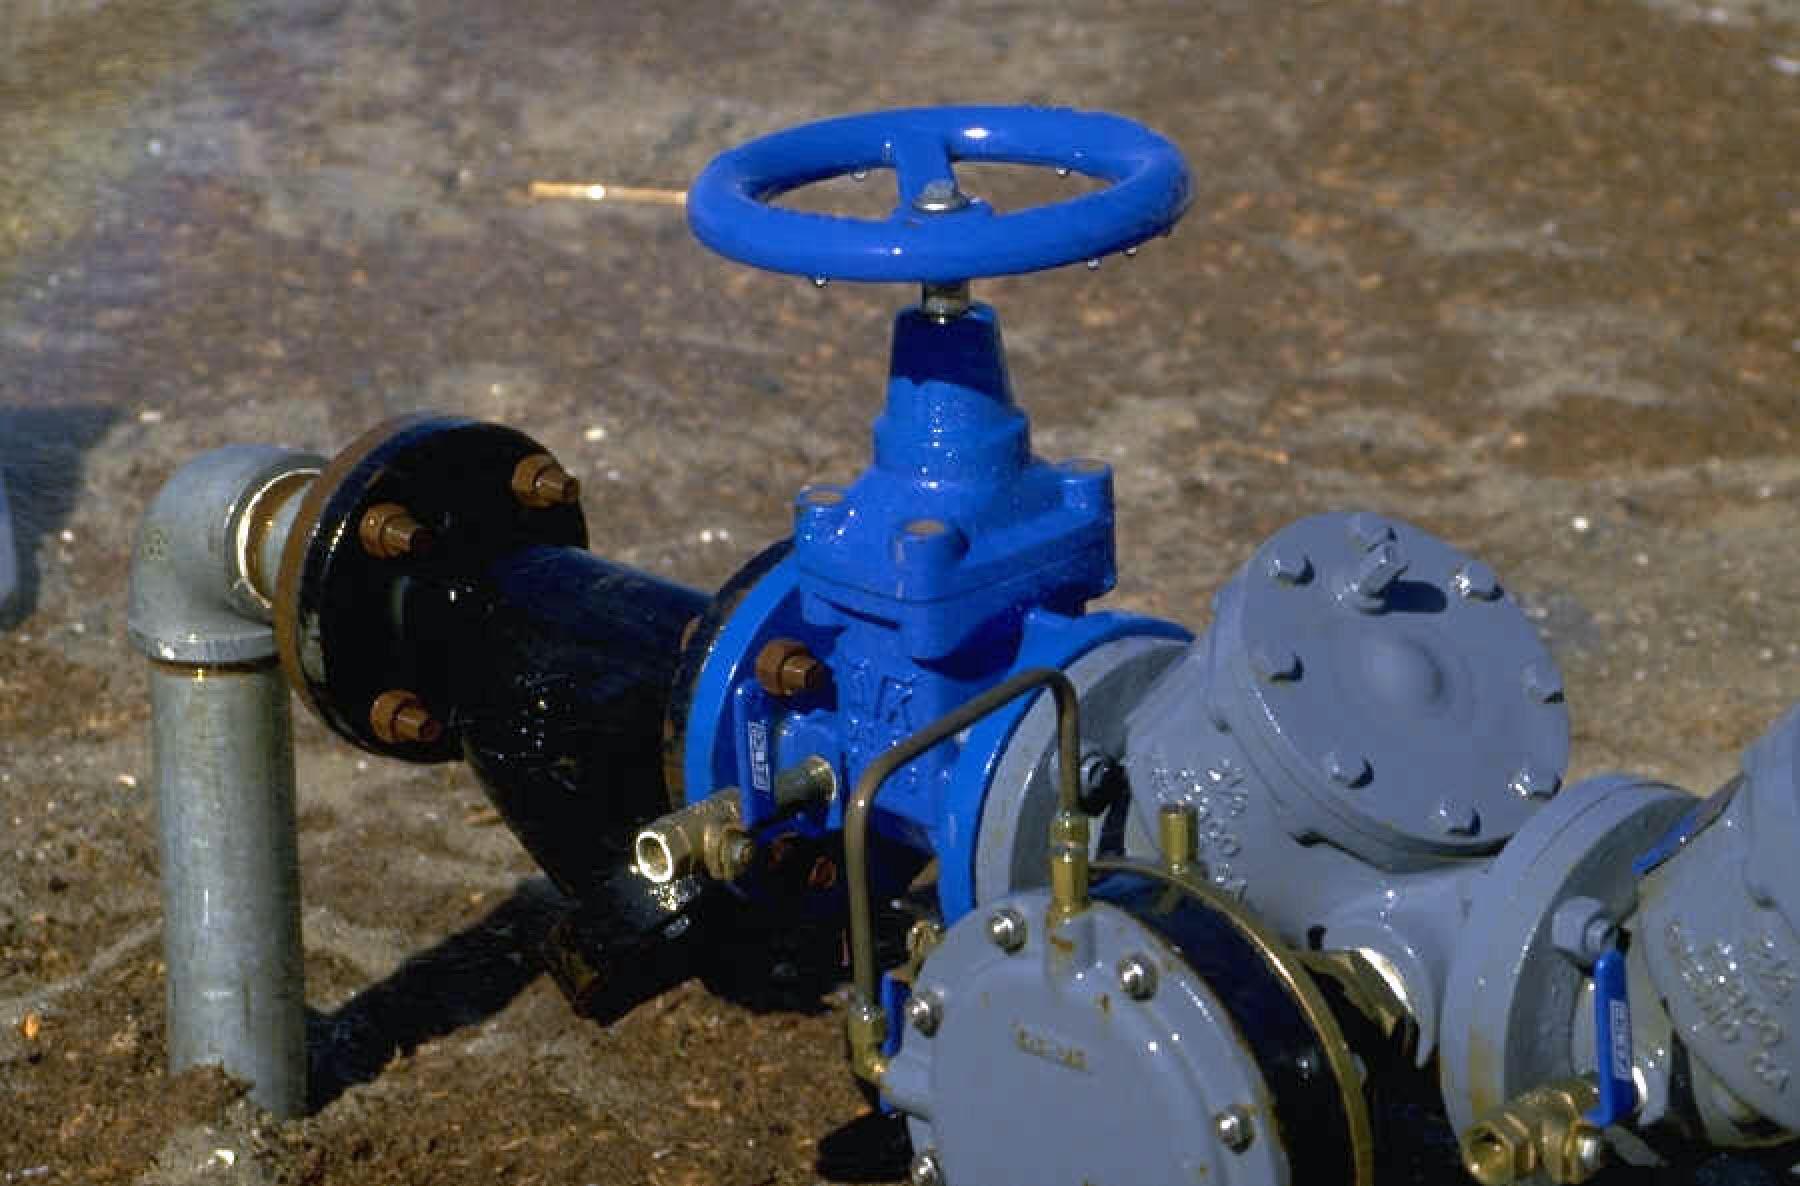 Scellés de sécurité pour l'industrie pétrolière